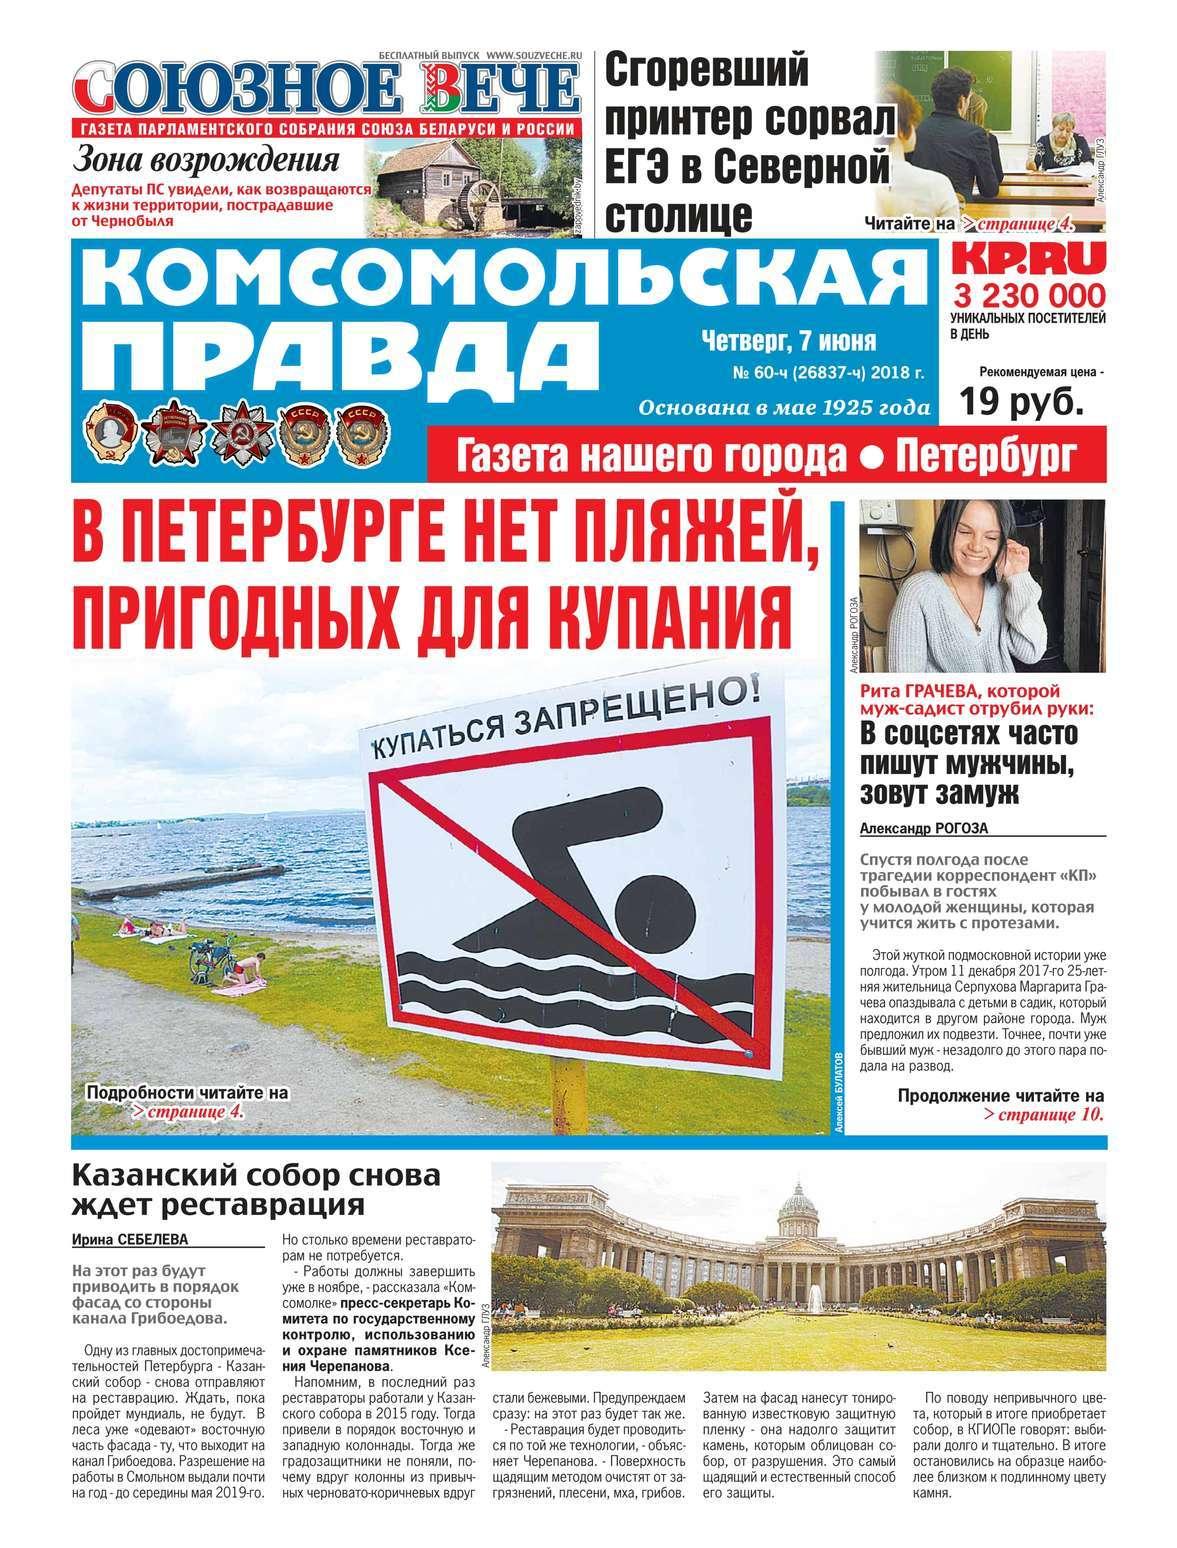 Редакция газеты Комсомольская правда. - Комсомольская Правда. - 60ч-2018